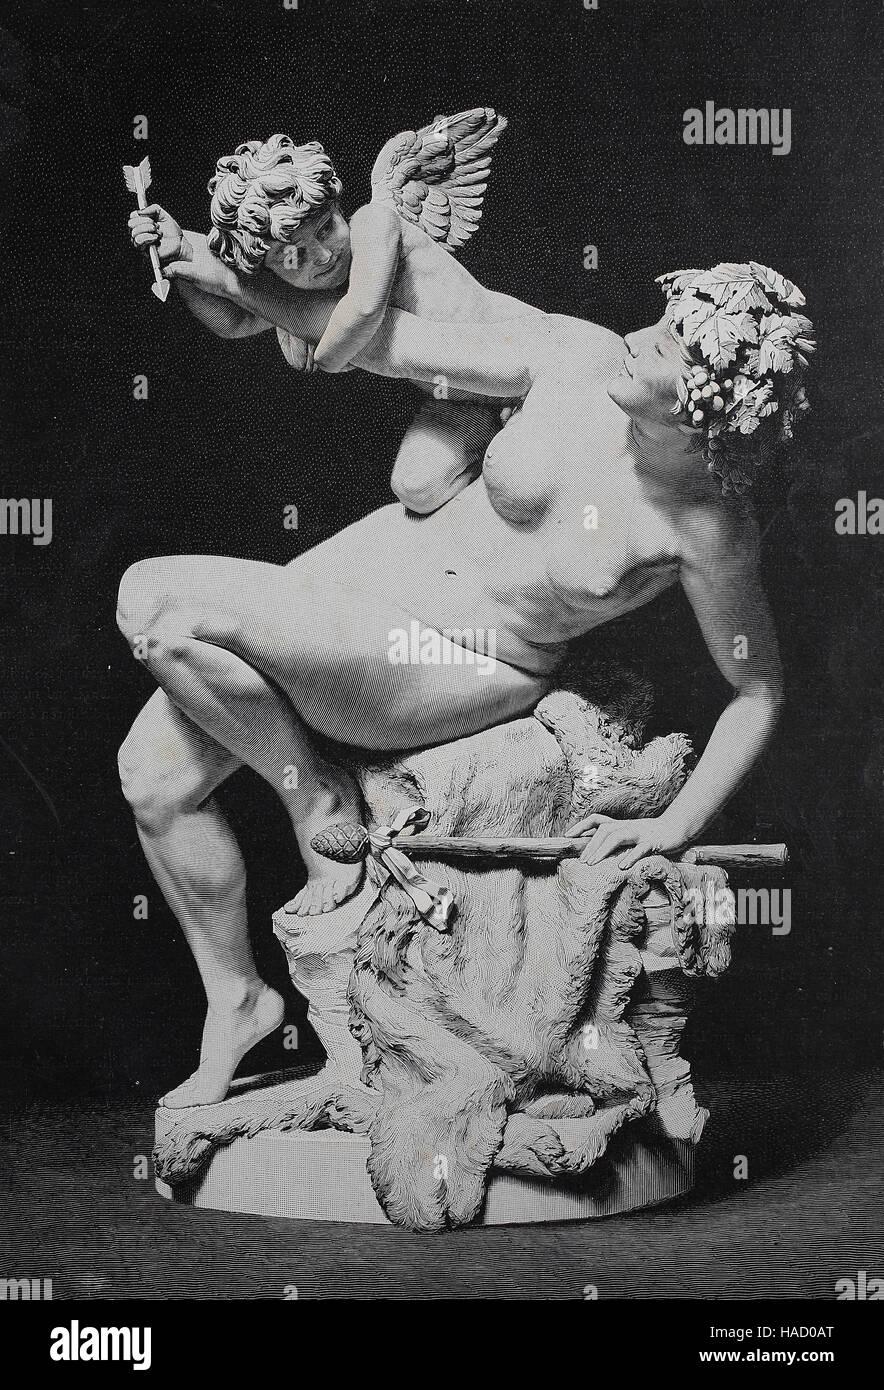 Amor and Bacchantin, Greek mythology, illustration published in 1880 - Stock Image